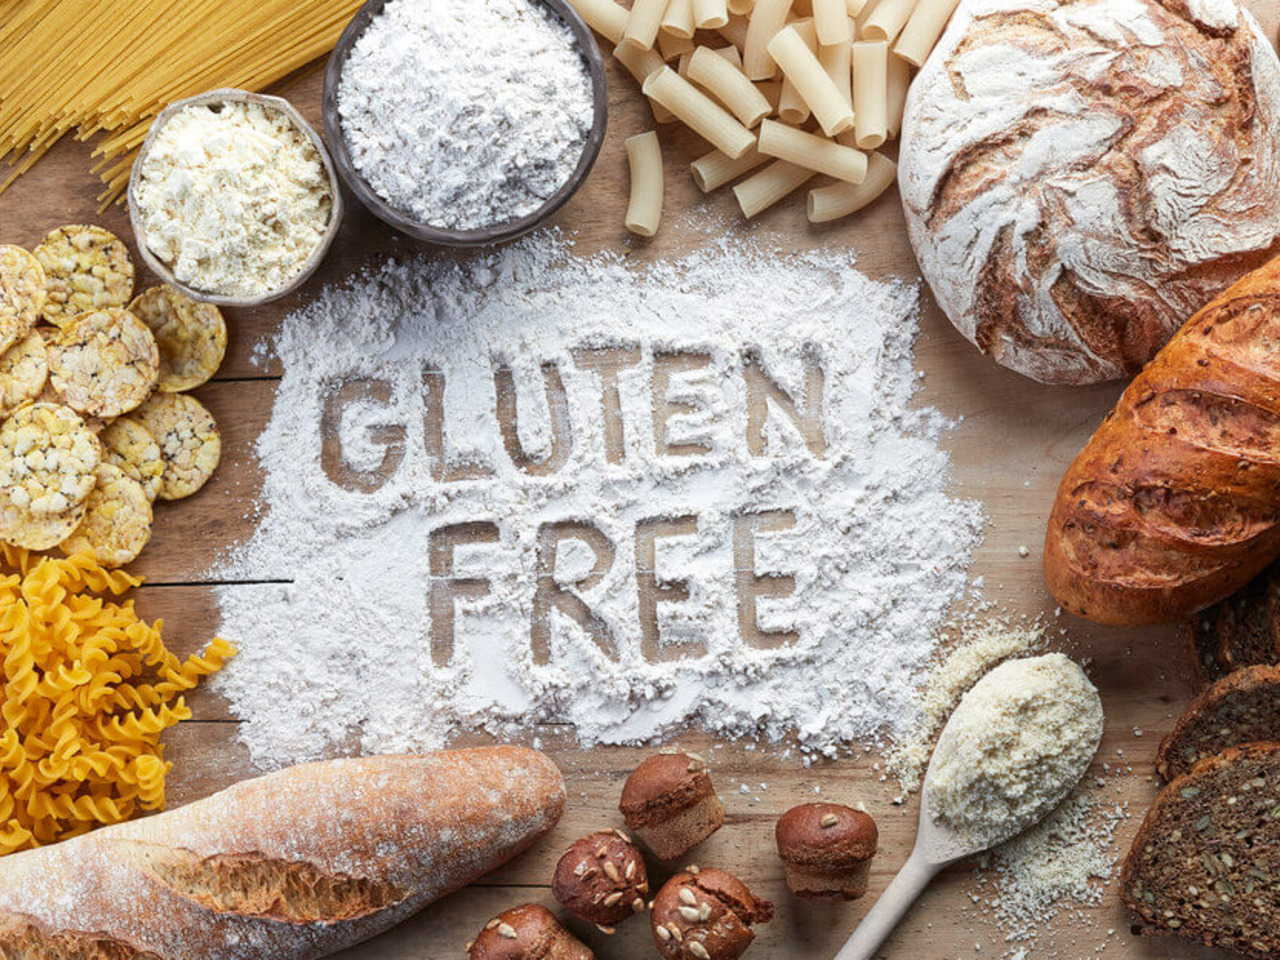 Celiakie aneb život bez lepku. Co jíst během bezlepkové diety?